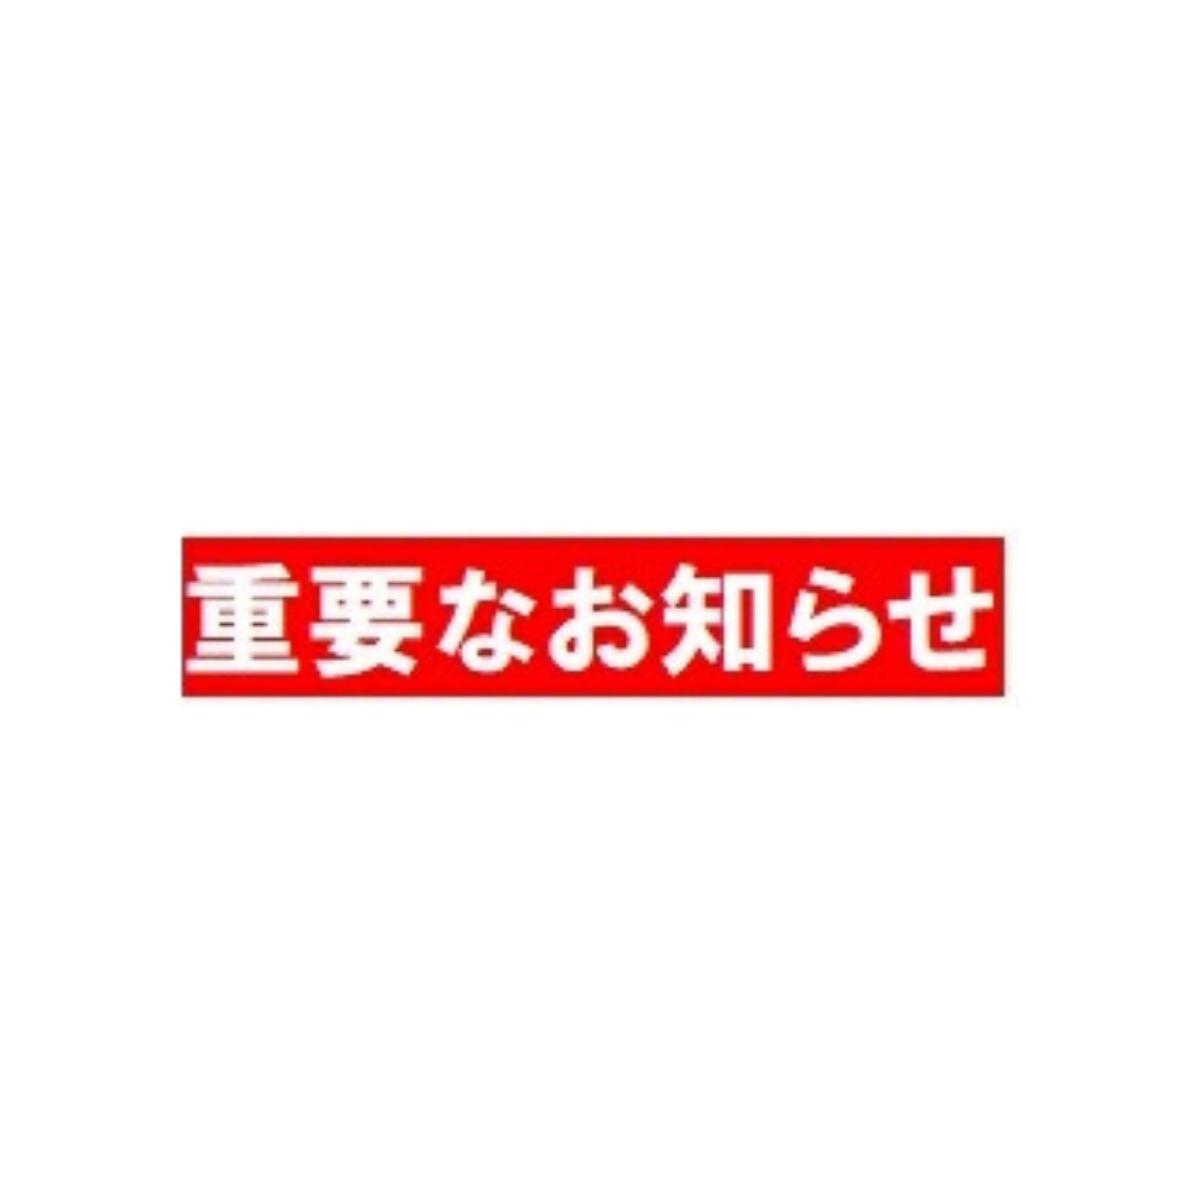 横浜市寿生活館からのお知らせ